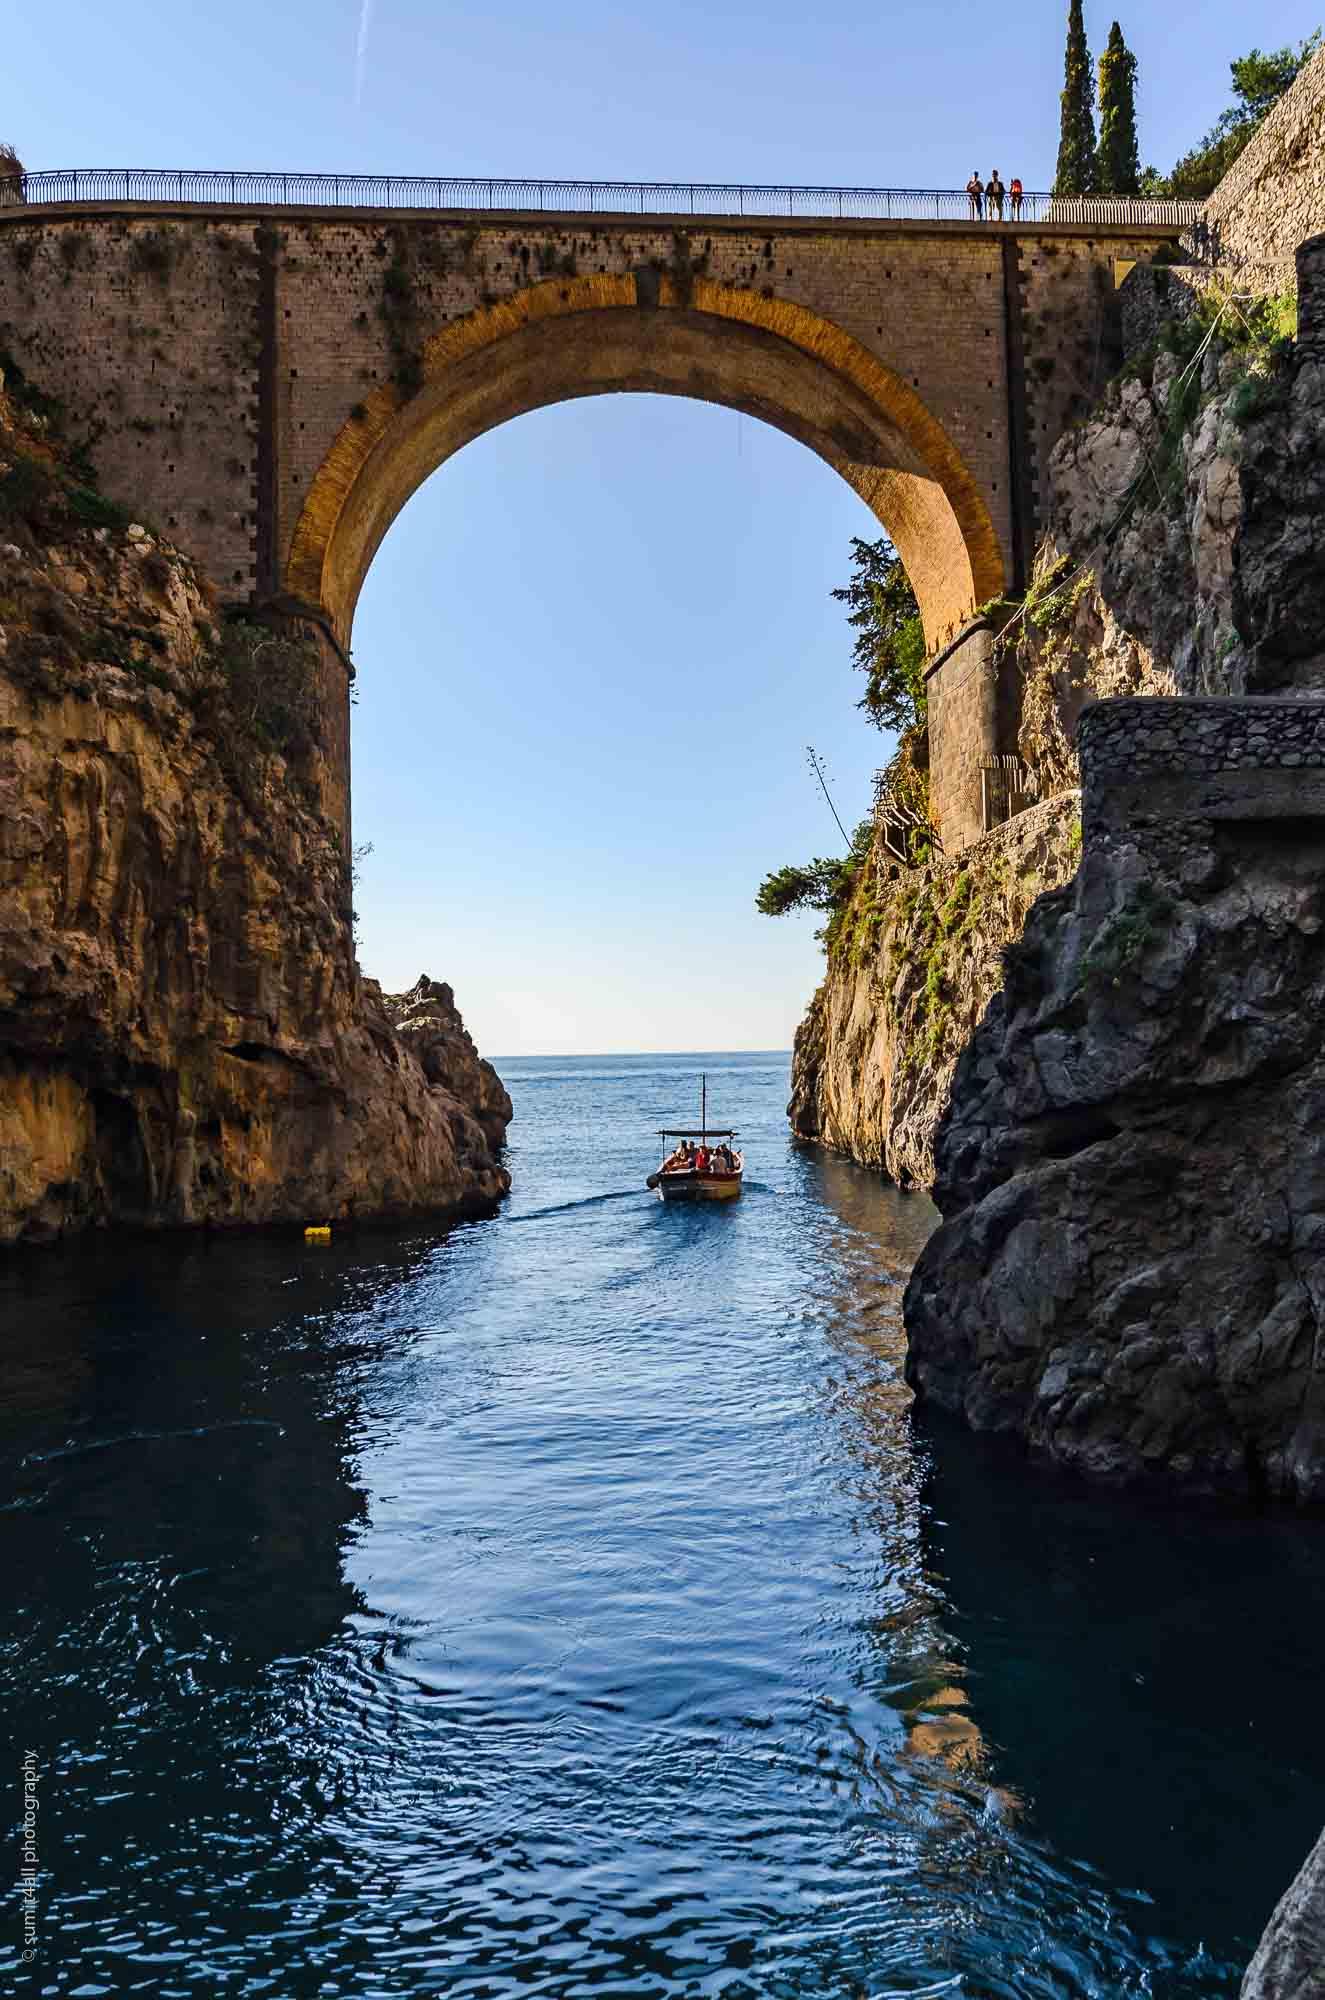 Bridge in Furore on the Amalfi Coast, Italy